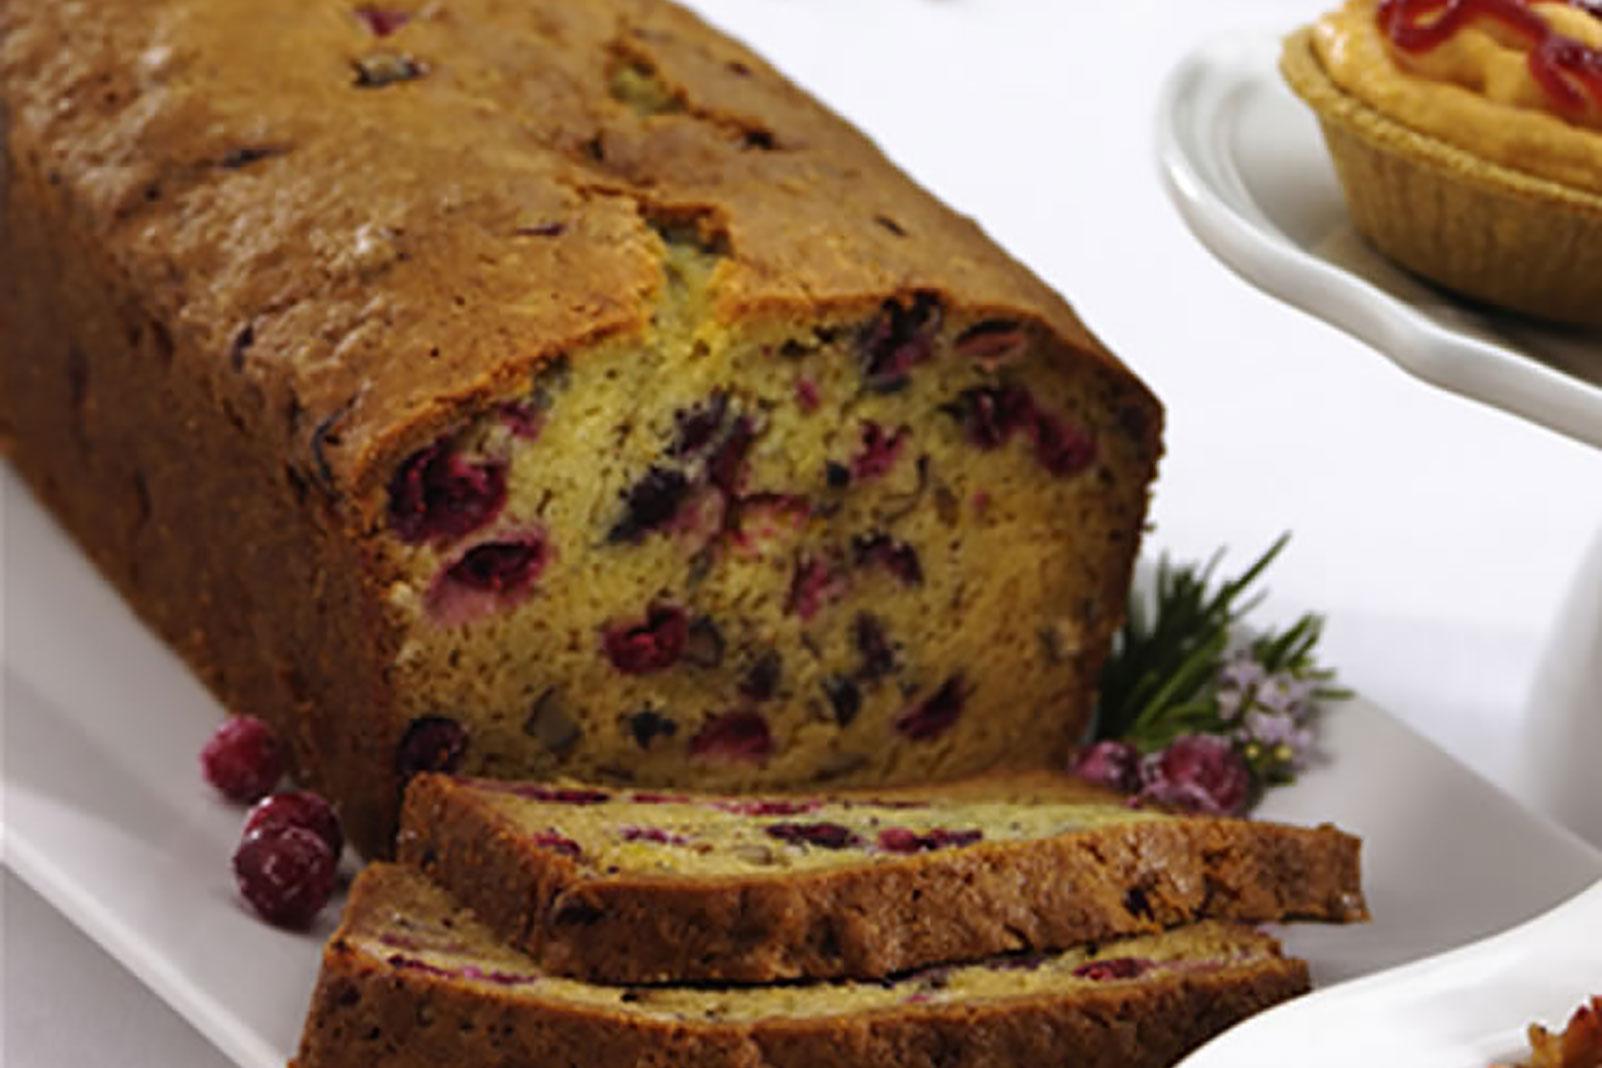 Rosemary Hazelnut Cranberry Bread